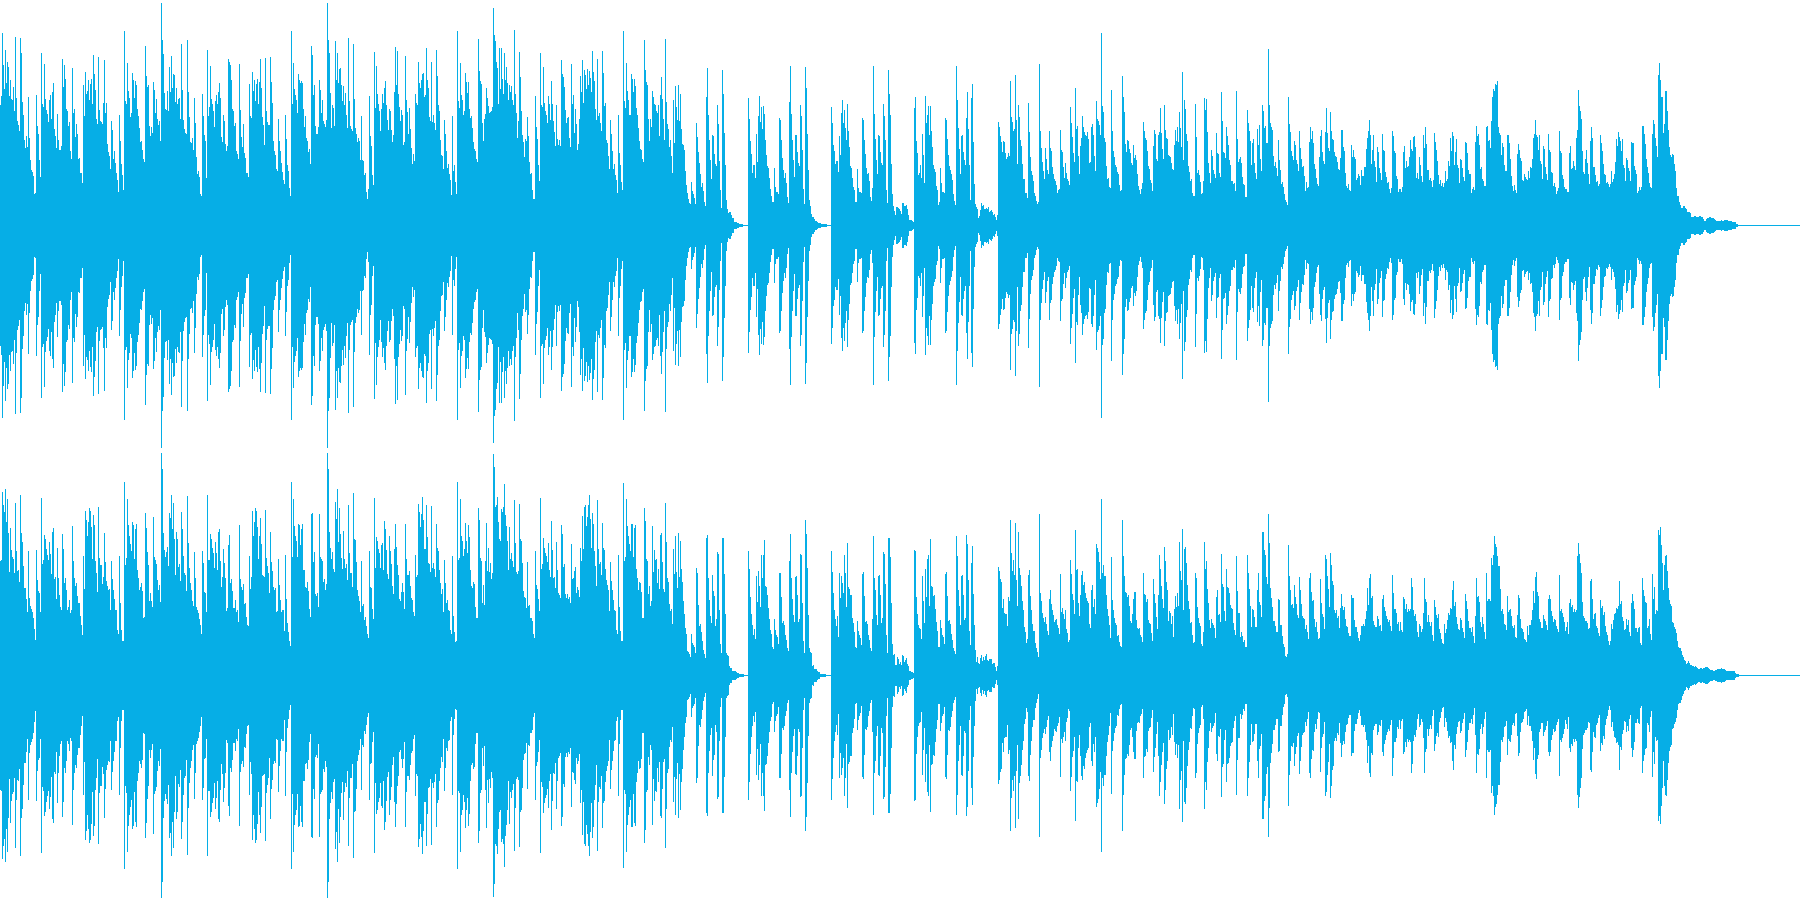 暖かい春のBGMの再生済みの波形